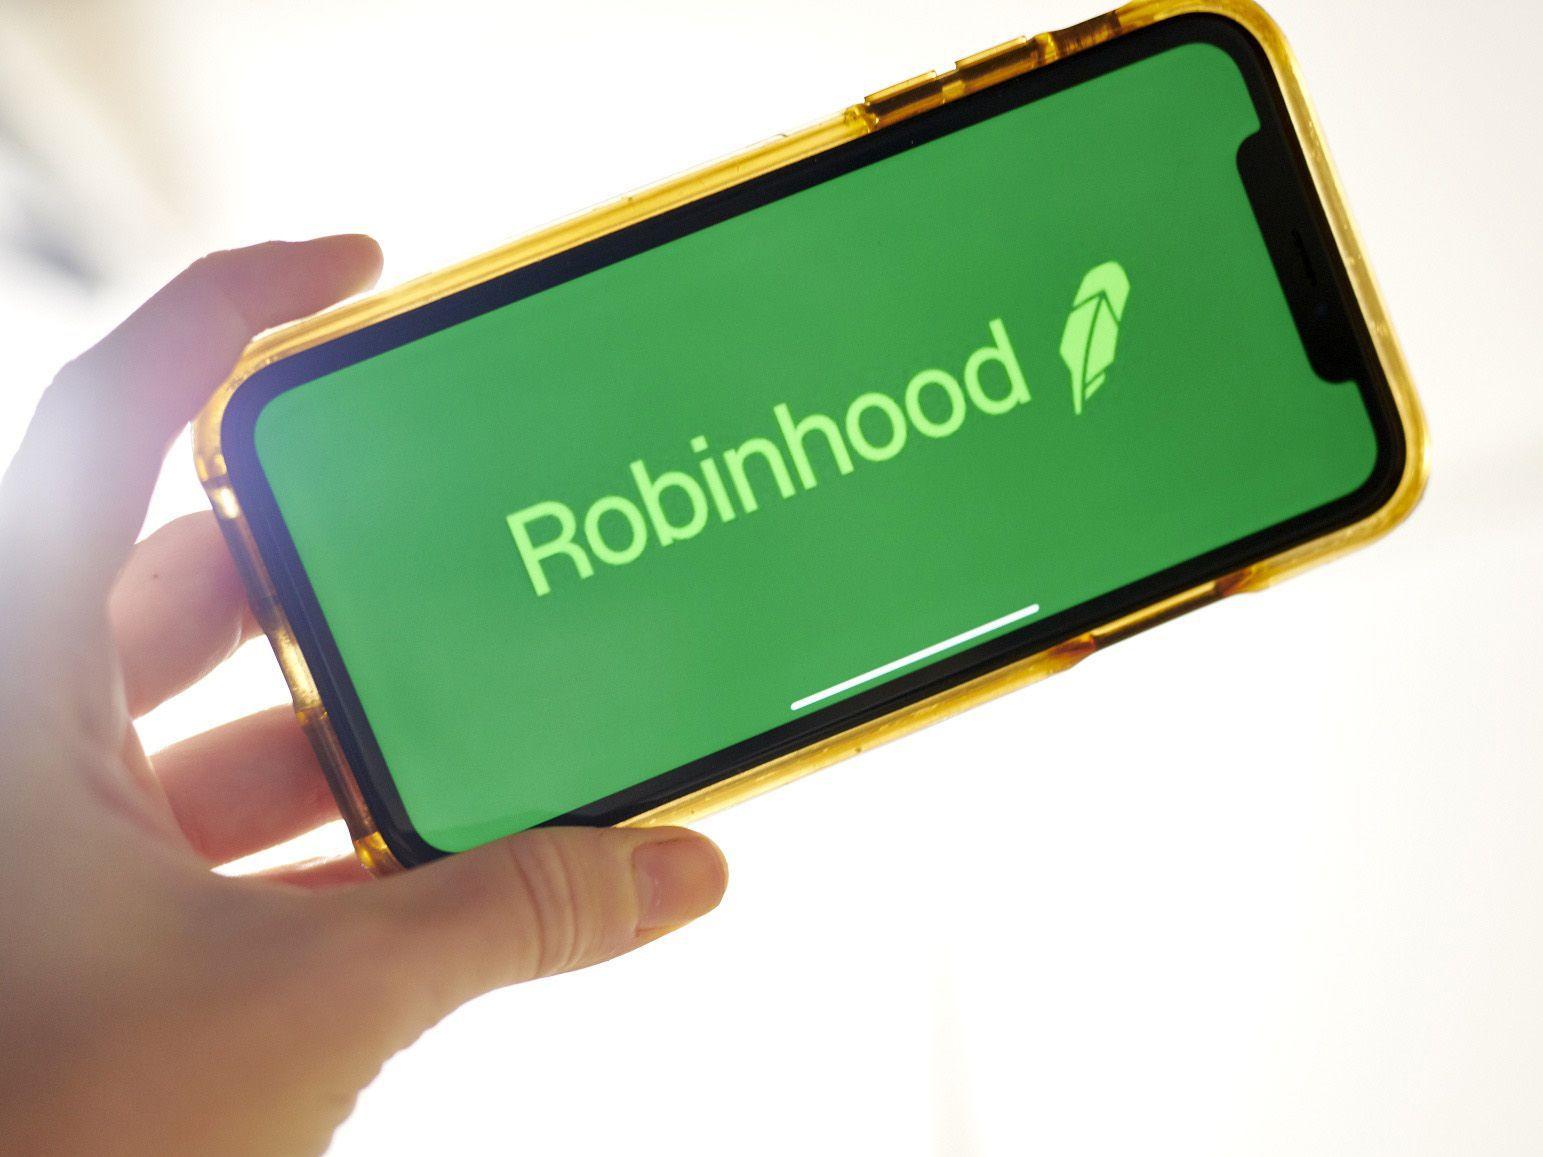 Robinhood creció en popularidad esta semana (Gabby Jones/Bloomberg)